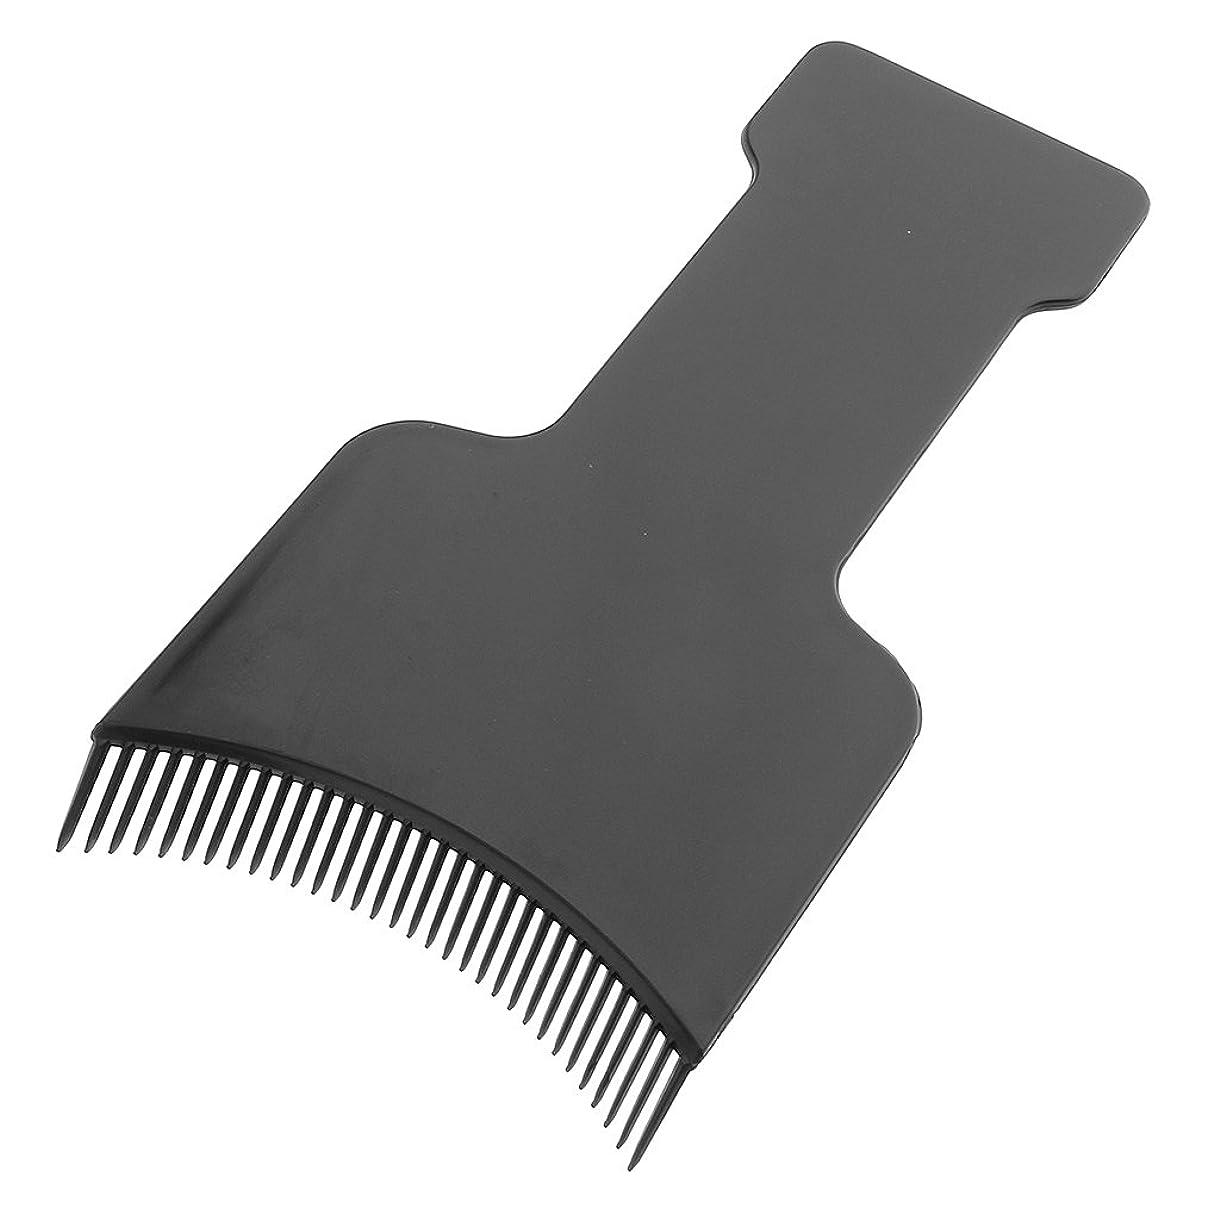 王位比喩弱点Perfeclan ヘアカラーボード サロン ヘアカラー 美容 ヘア ツール 髪 保護 ブラック 全4サイズ - S